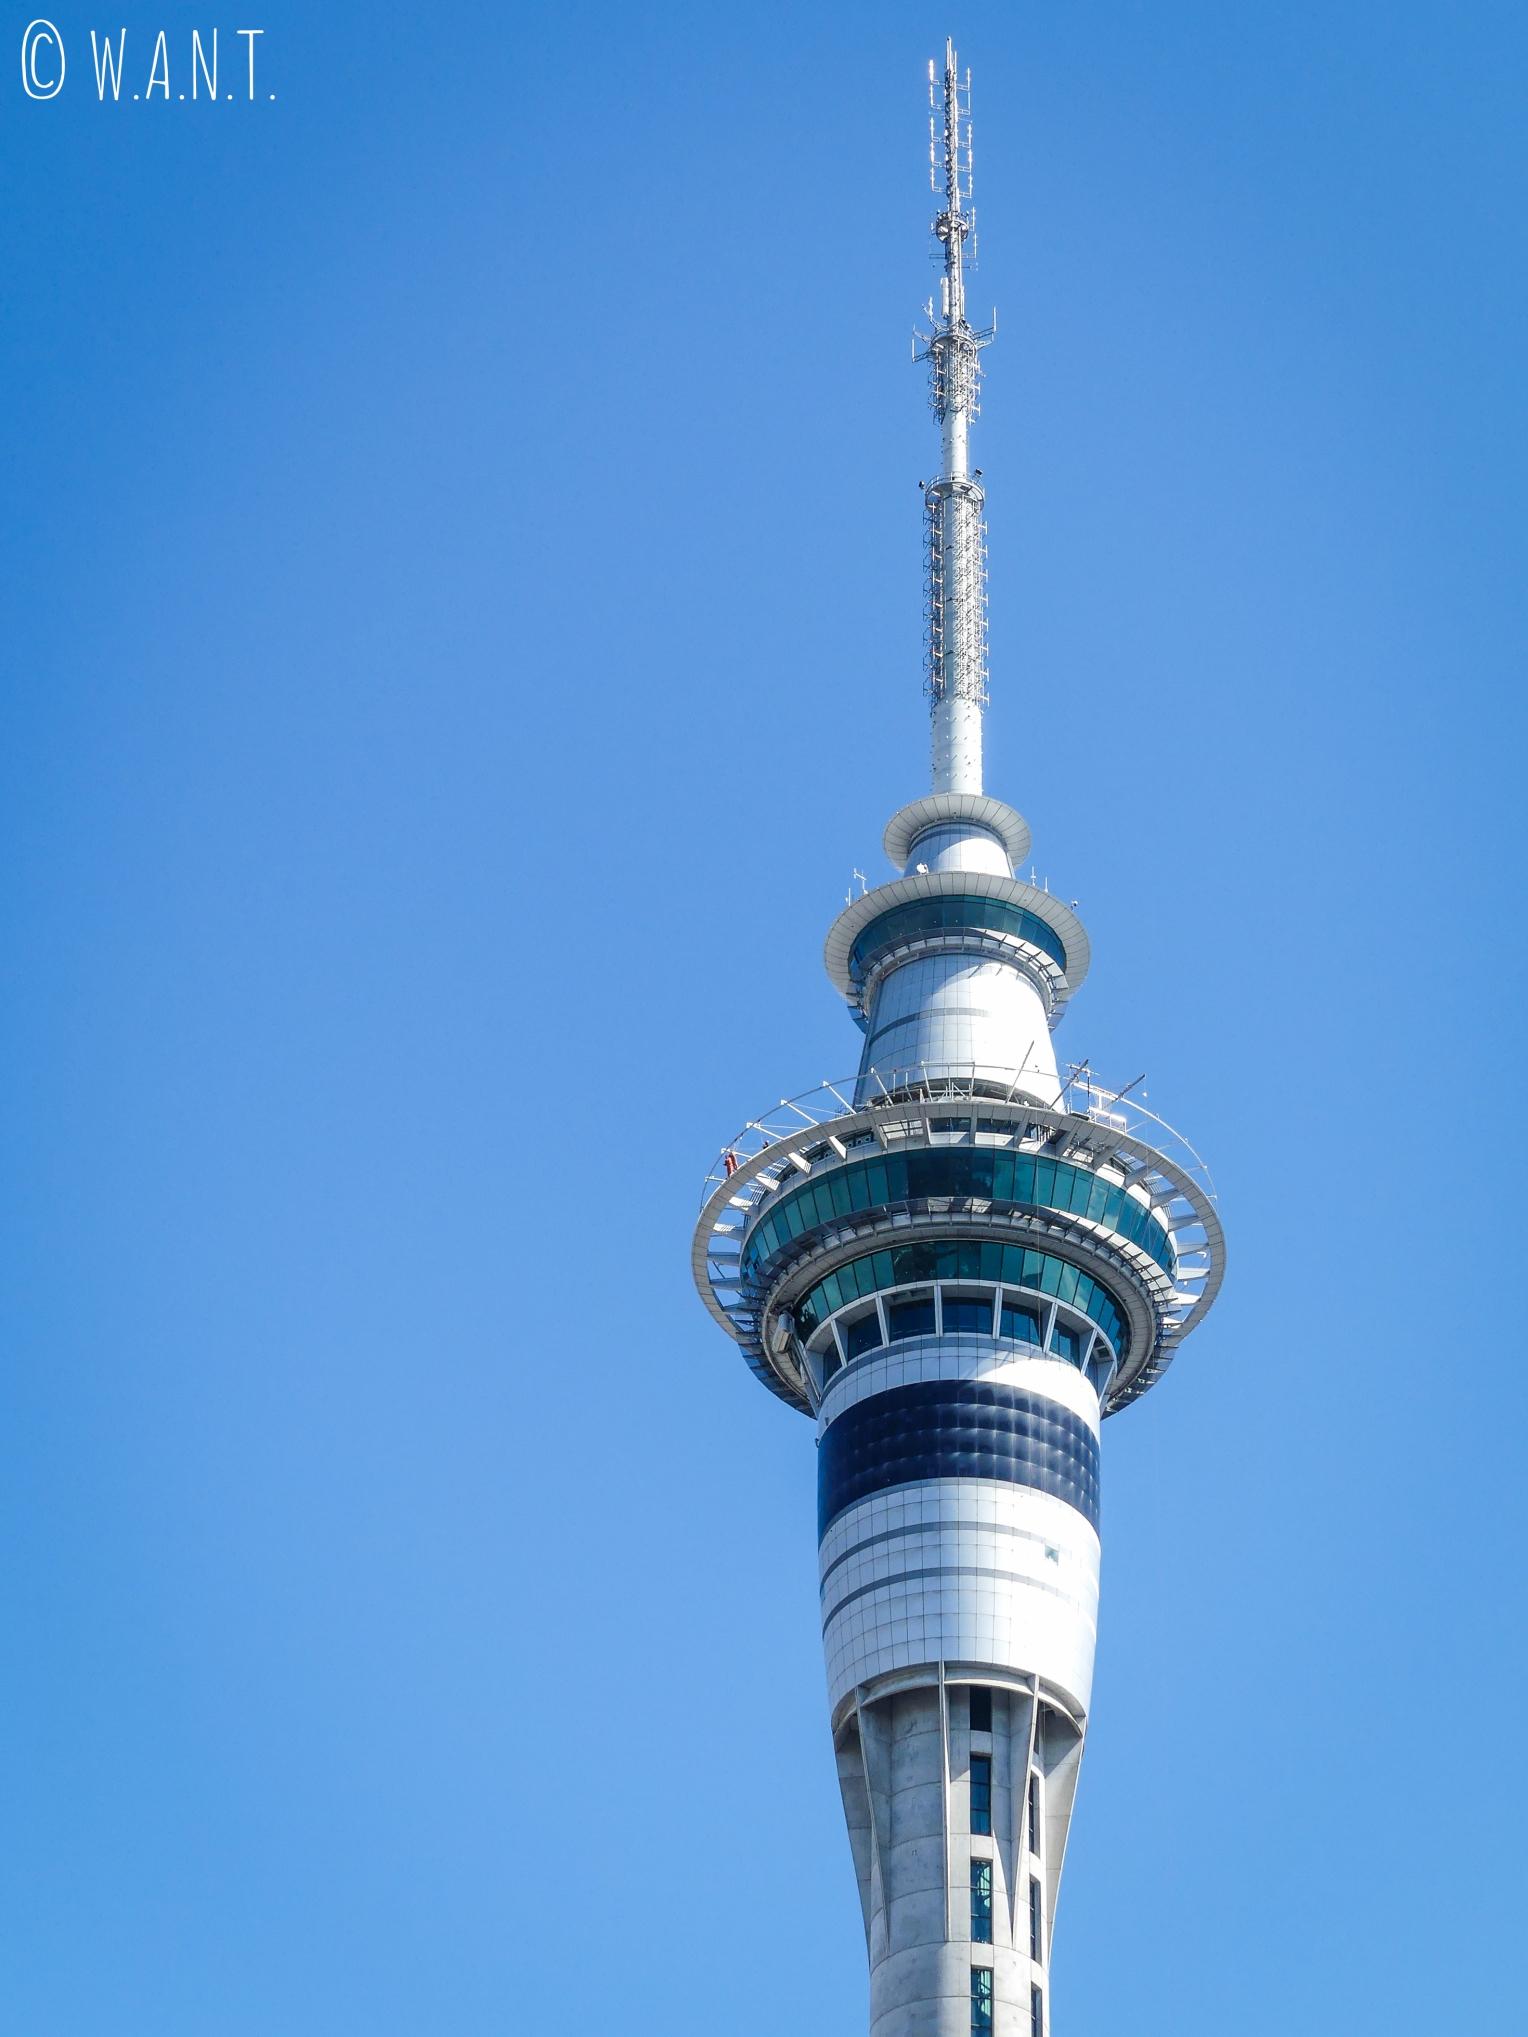 La Sky Tower d'Auckland, tour la plus haute de l'hémisphère sud